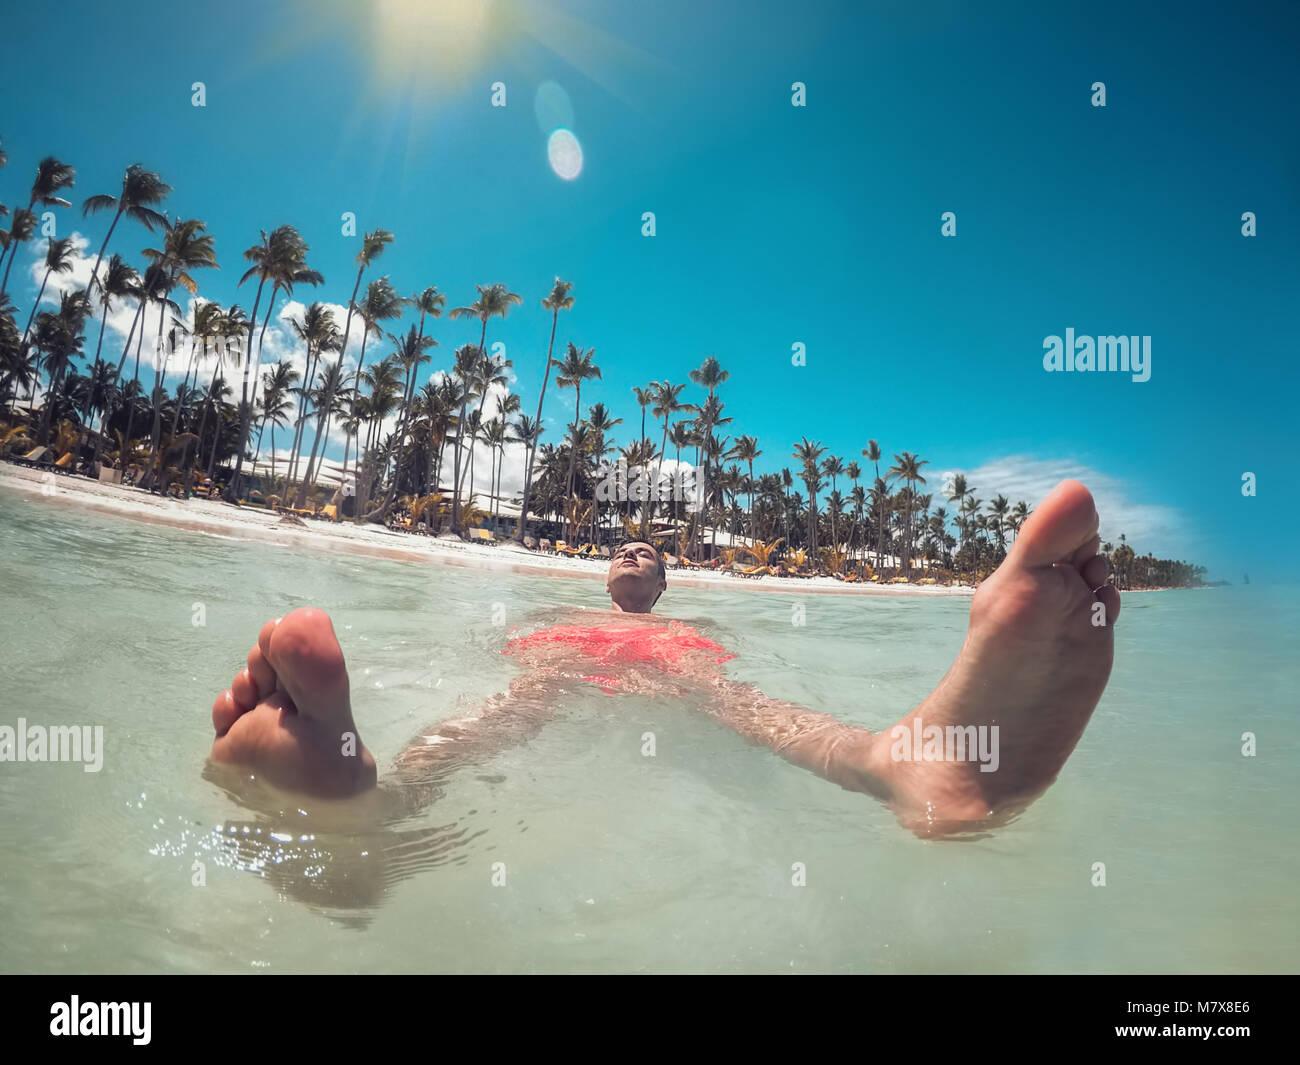 L'uomo godendo la sua vacanza estiva, acque turchesi del Mar dei Caraibi e la spiaggia di Punta Cana. Immagini Stock